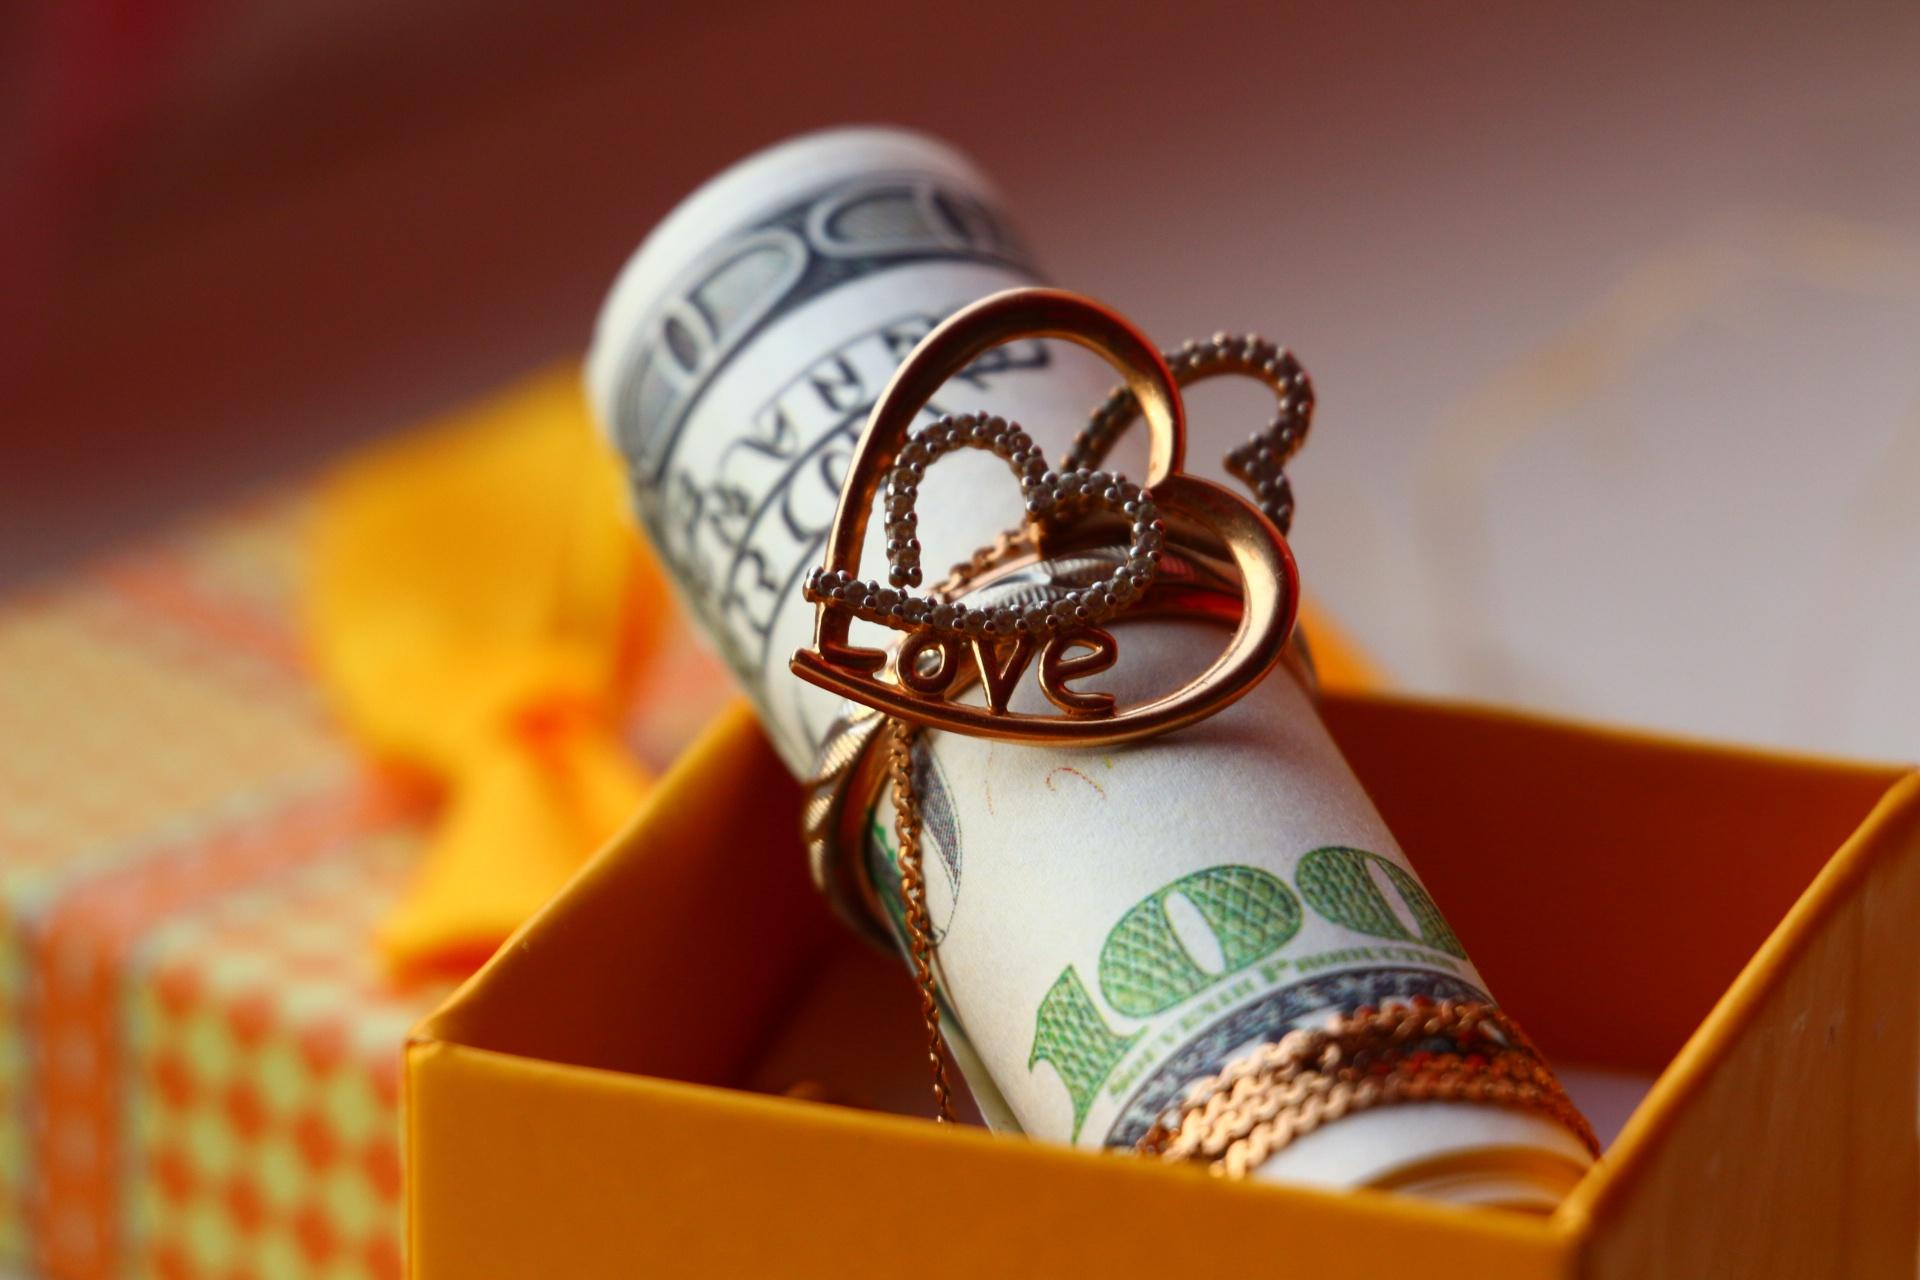 картинка сердце и деньги некоторого времени, проведенного